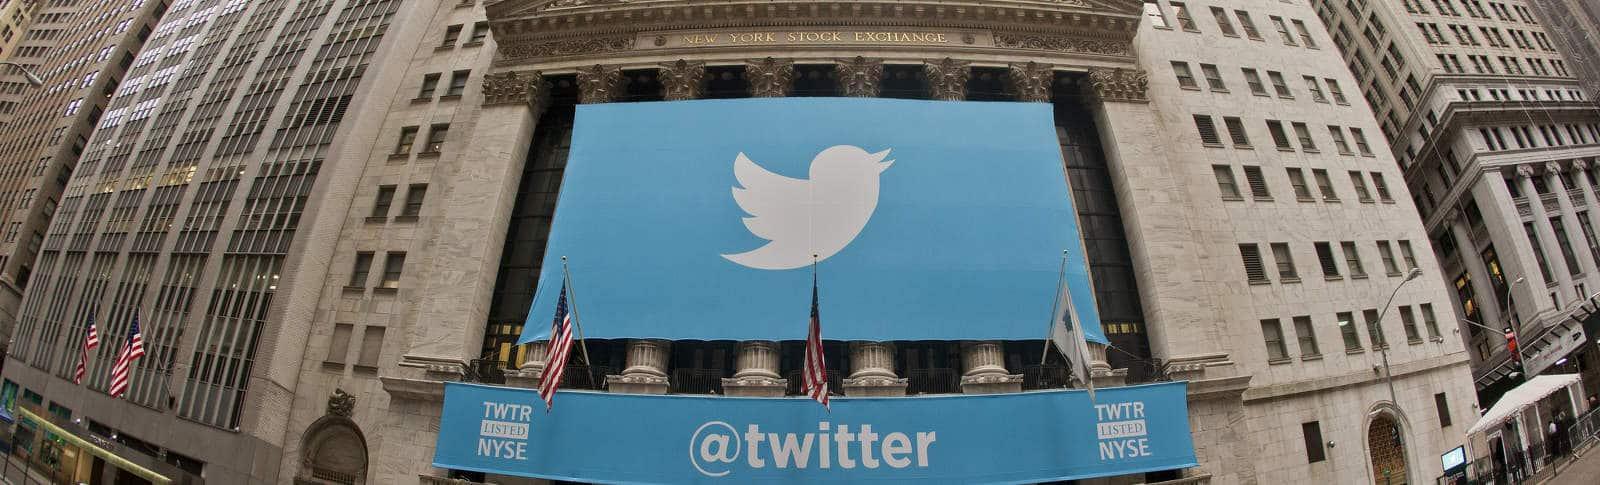 Twitter en el NYSE, por Garrett Heath, en Flickr (10779582136), con licencia CC by